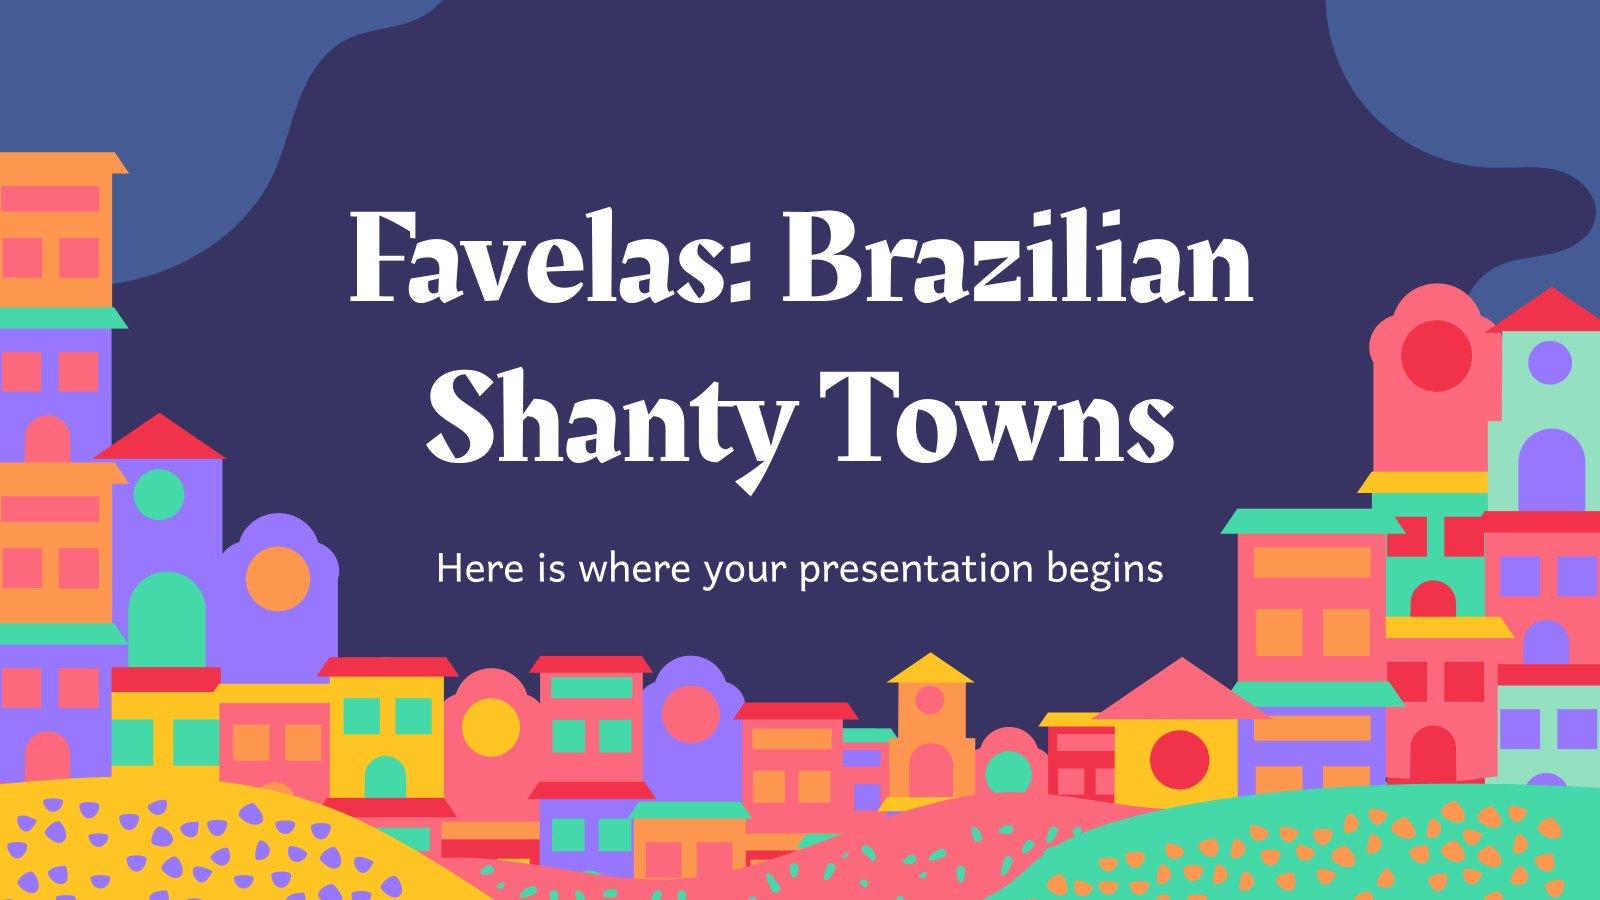 Plantilla de presentación Favelas: Los barrios de chabolas brasileños